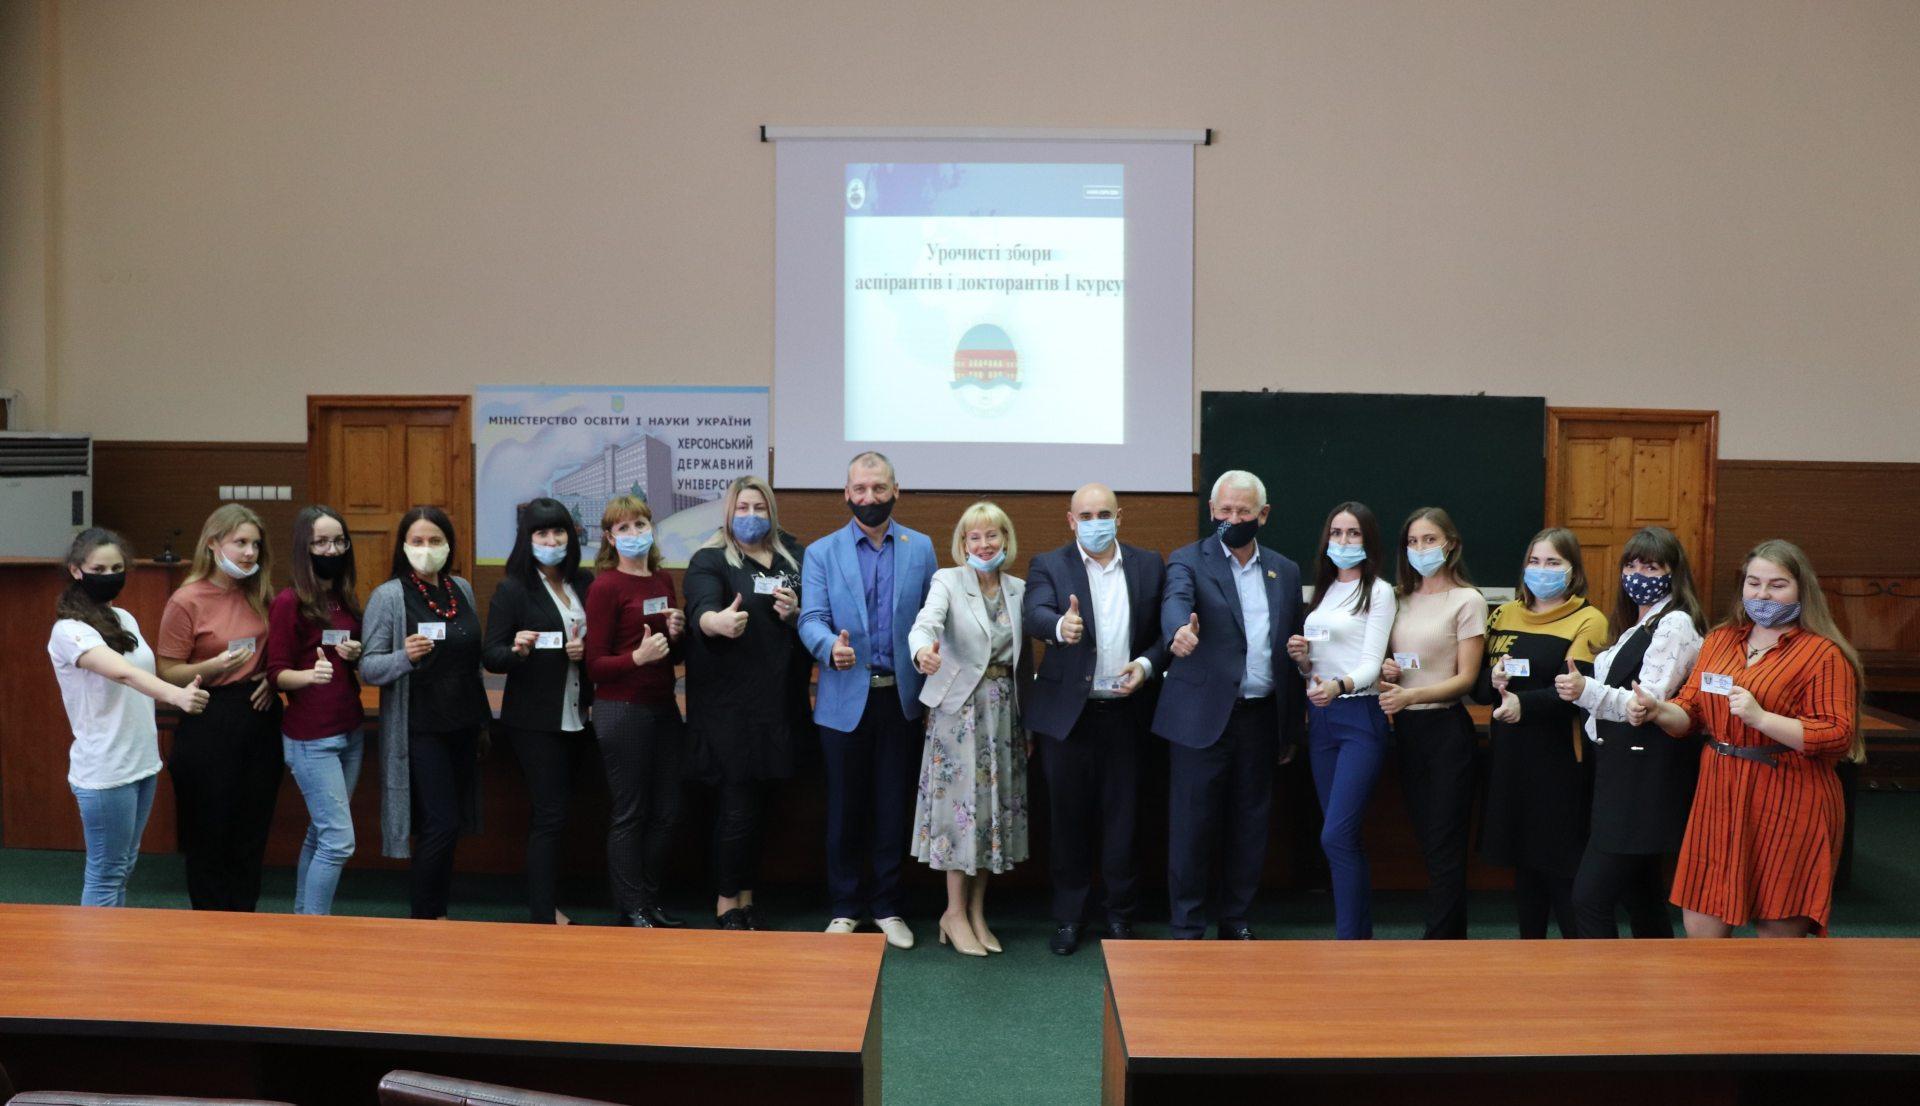 Аспіранти та докторанти ХДУ отримали посвідчення